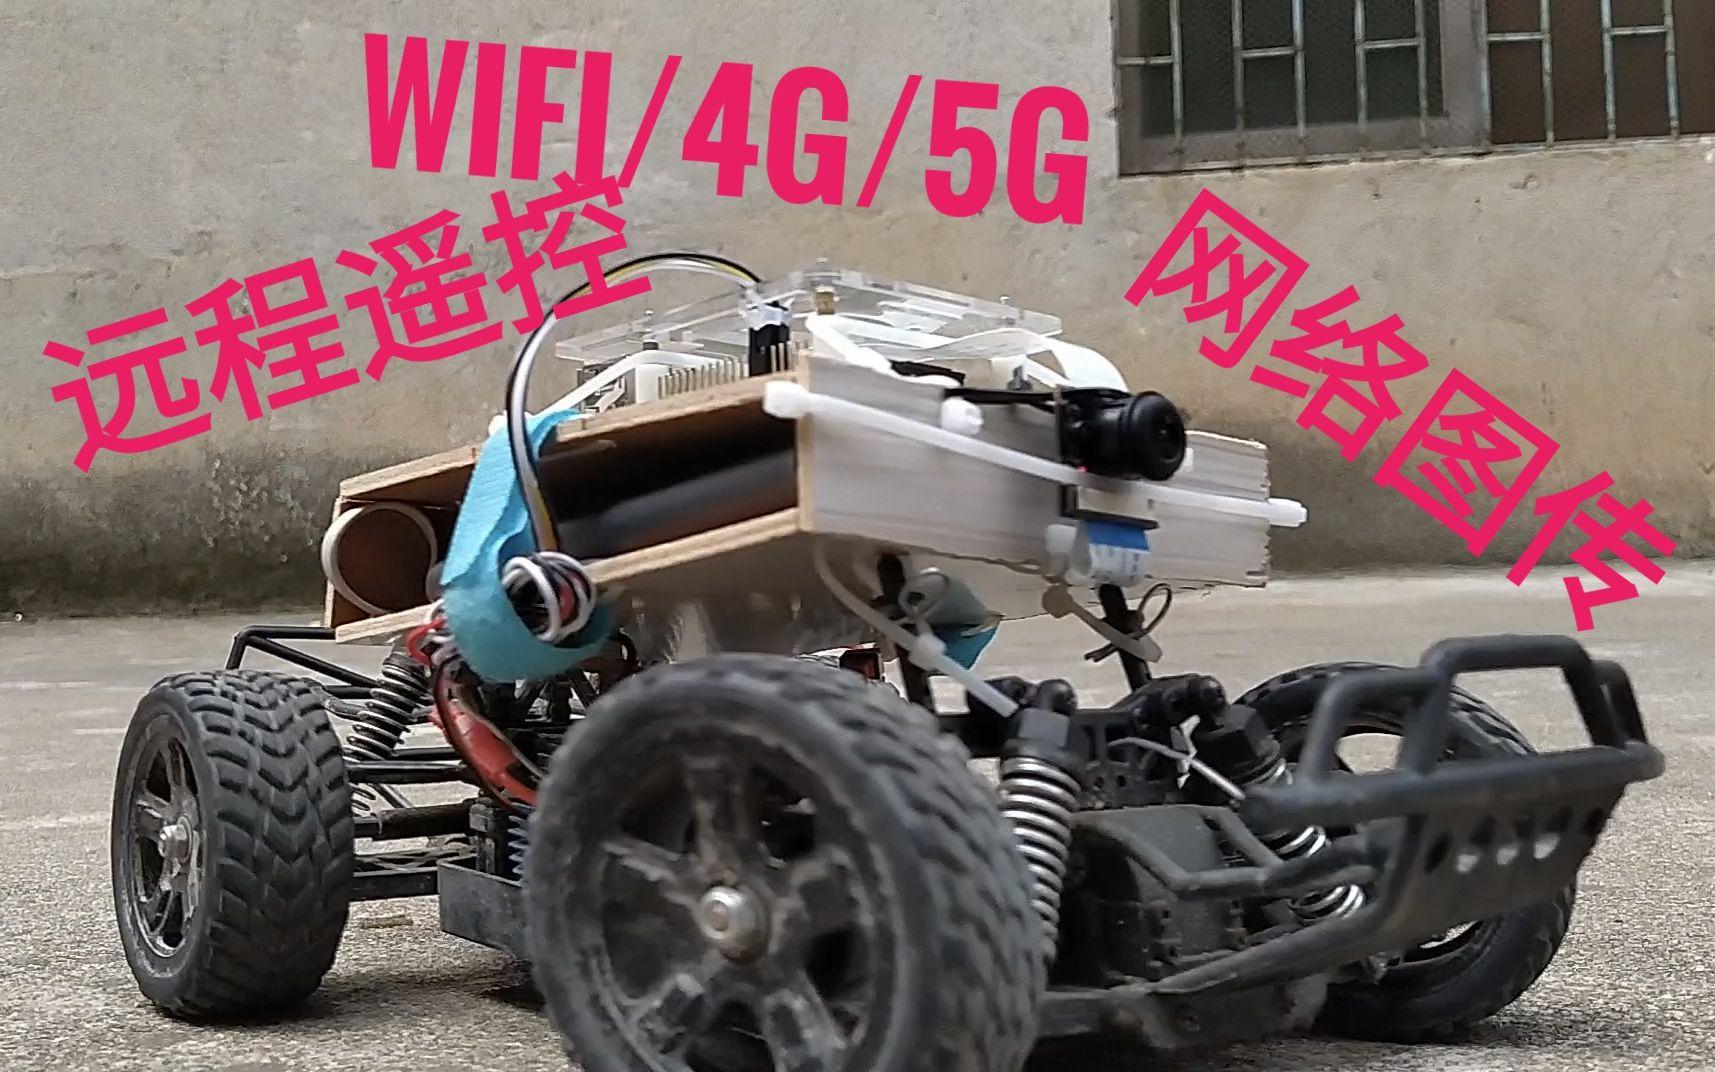 WiFi/4G/5G网络遥控车制作教程